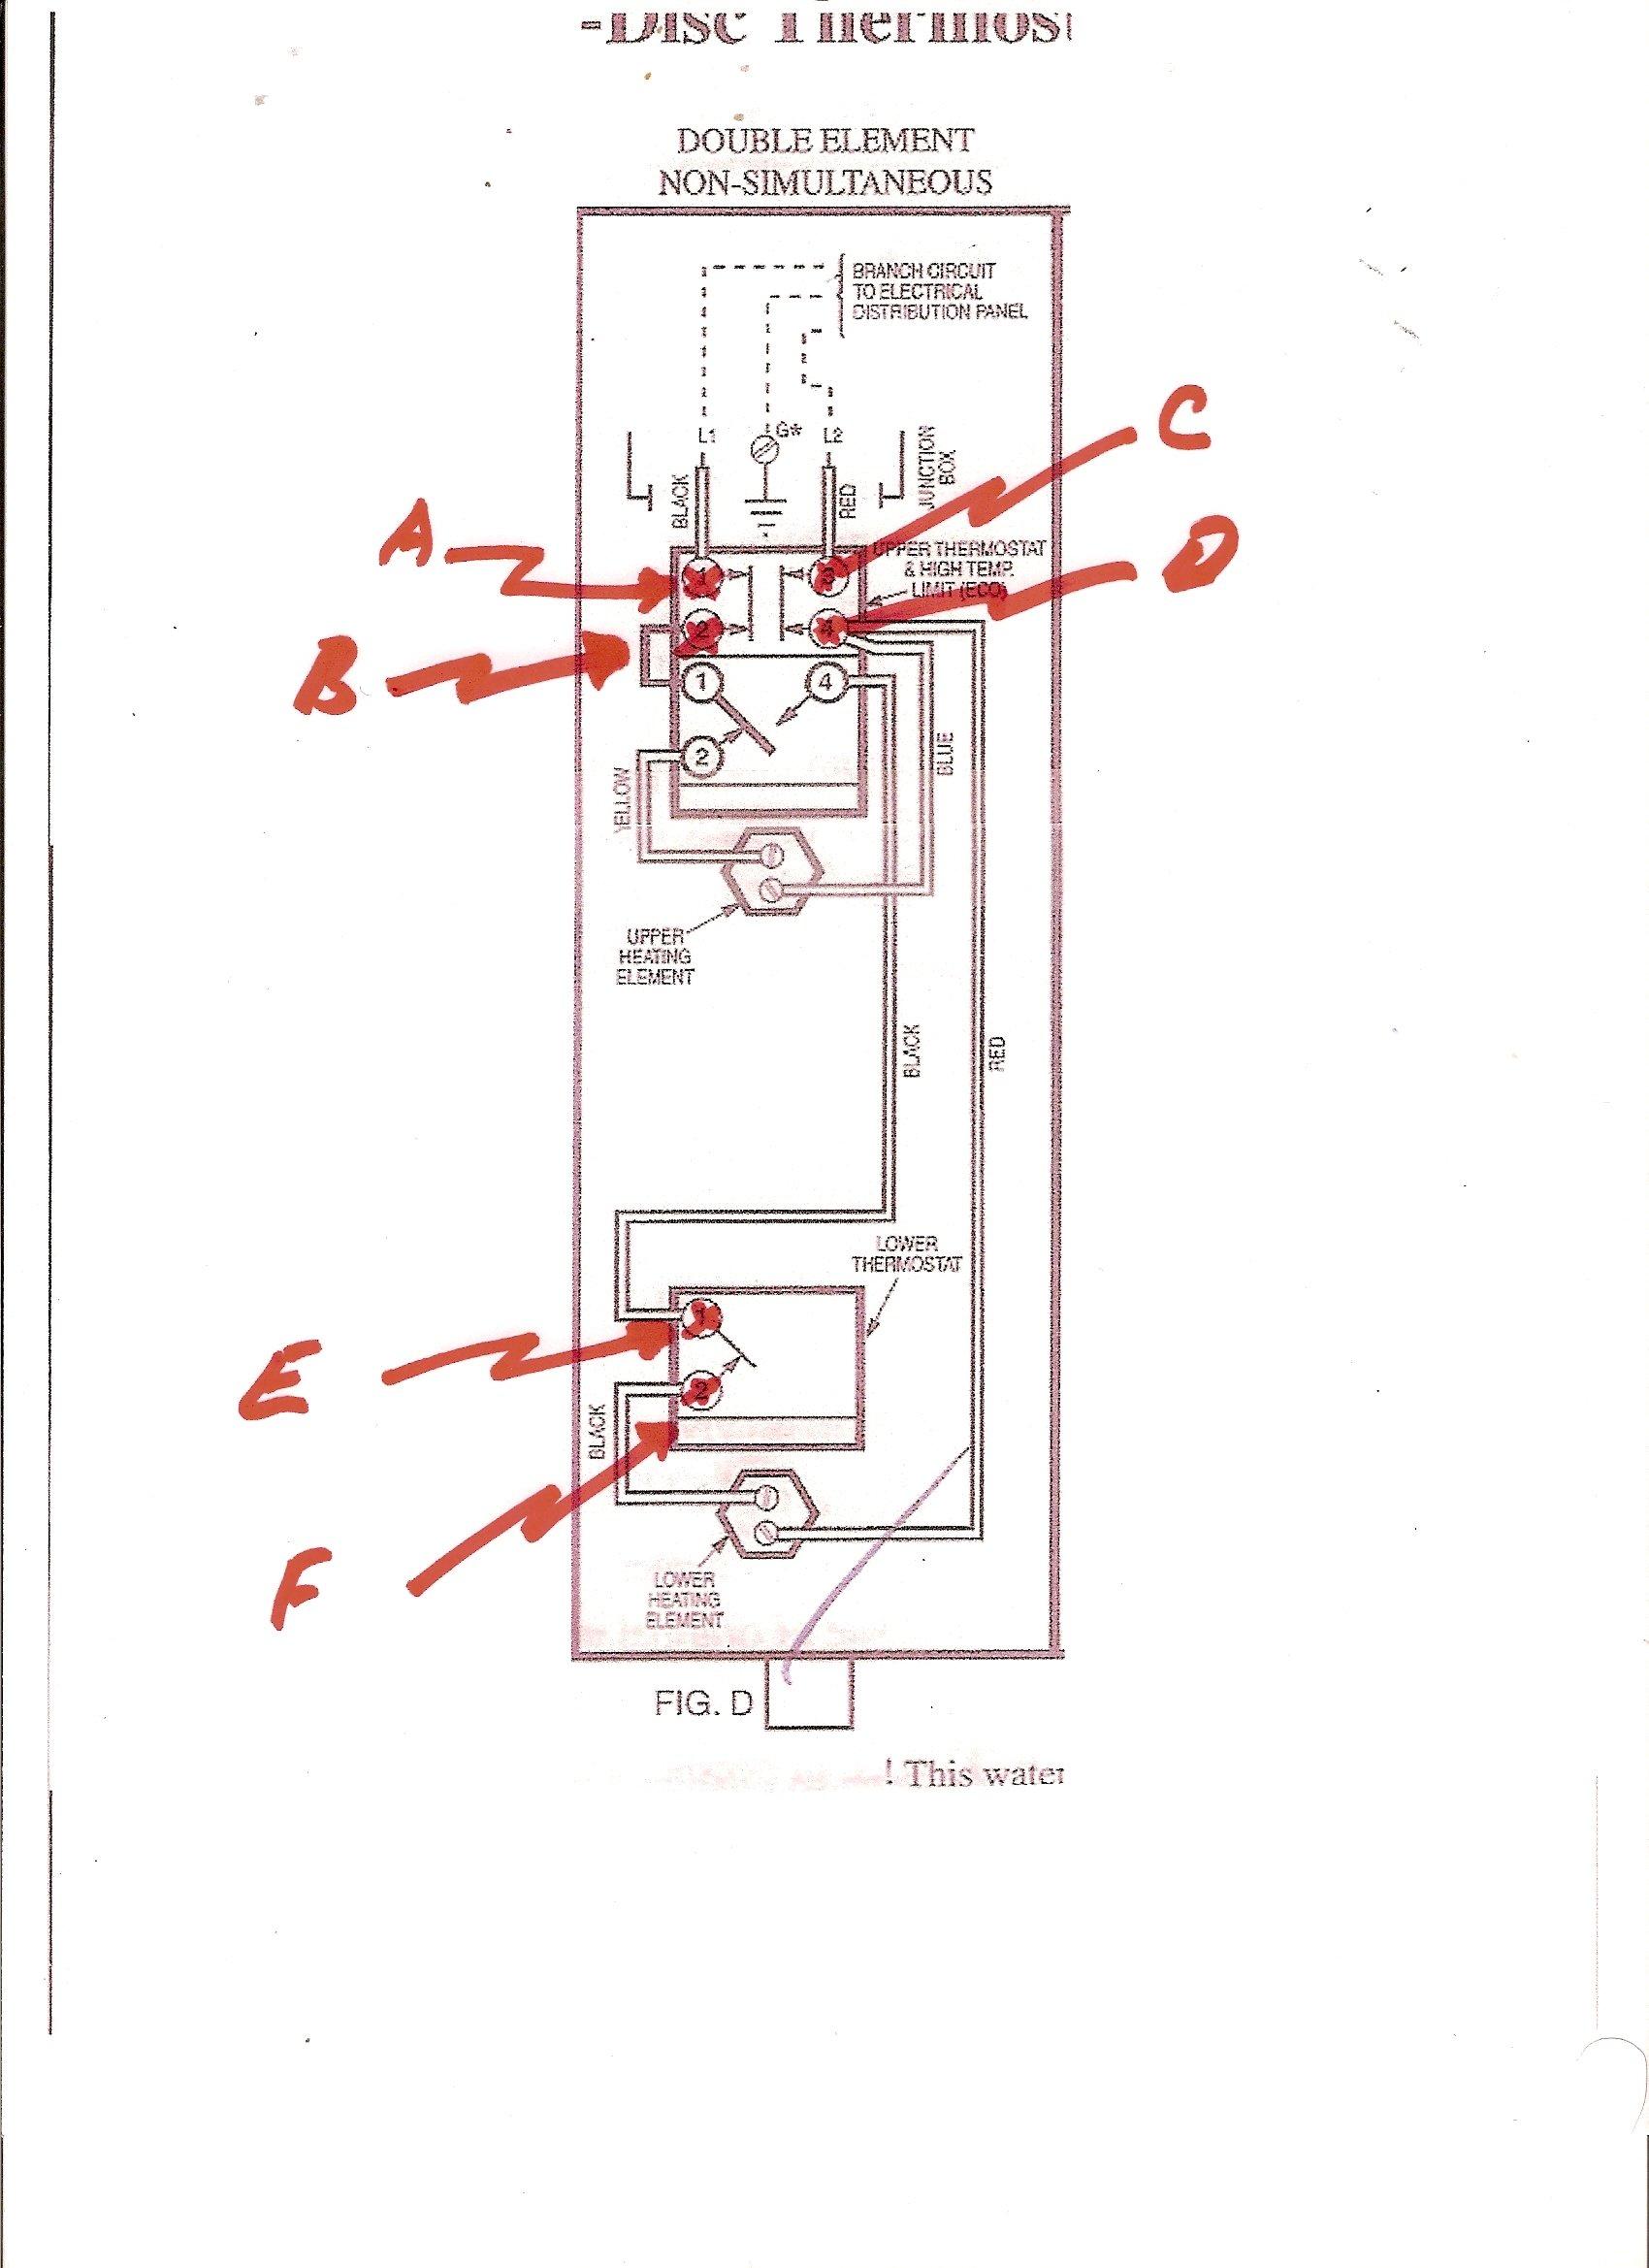 [DIAGRAM_38IU]  XE_4833] Wiring Diagrams On Wiring Diagram For Rheem Hot Water Heater  Wiring Diagram | Industrial Heaters Wiring Diagram |  | Ehir Wedab Mohammedshrine Librar Wiring 101